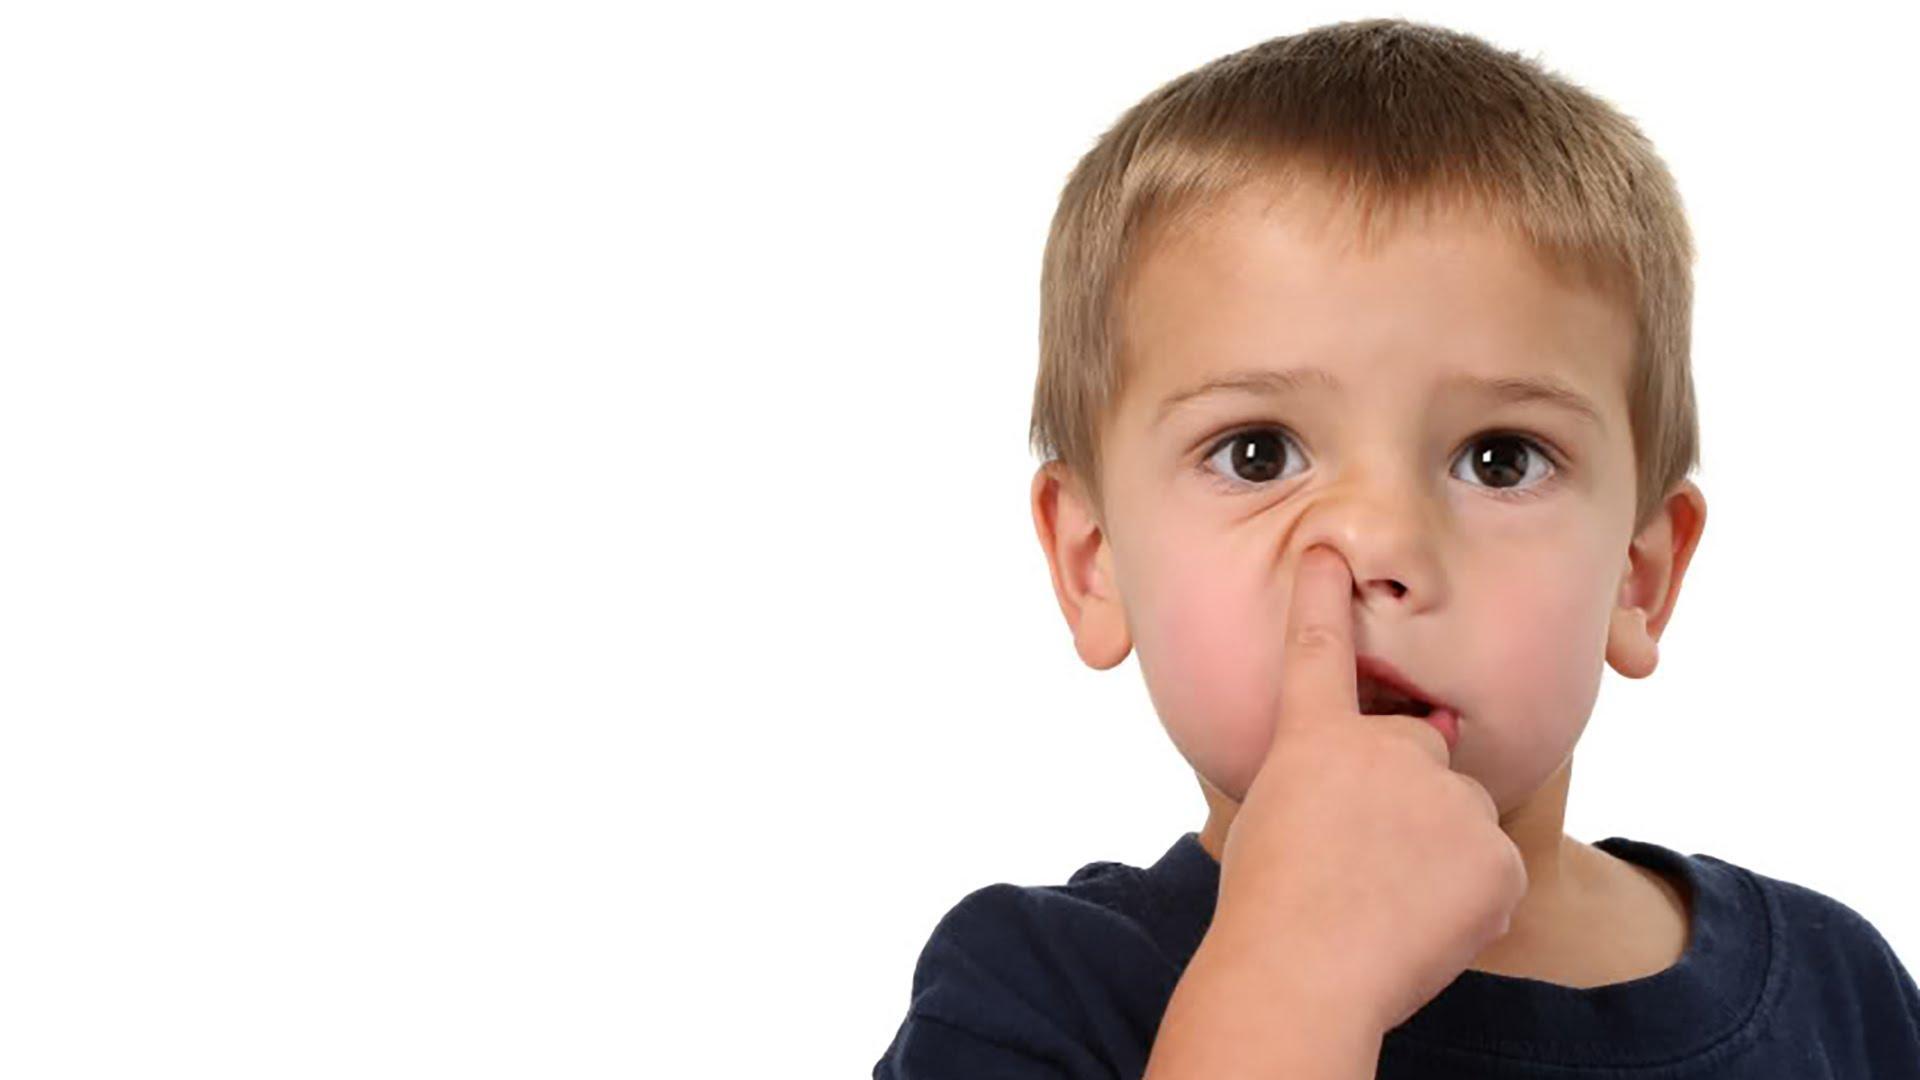 Против ковыряния в носу нашелся серьезный научный довод